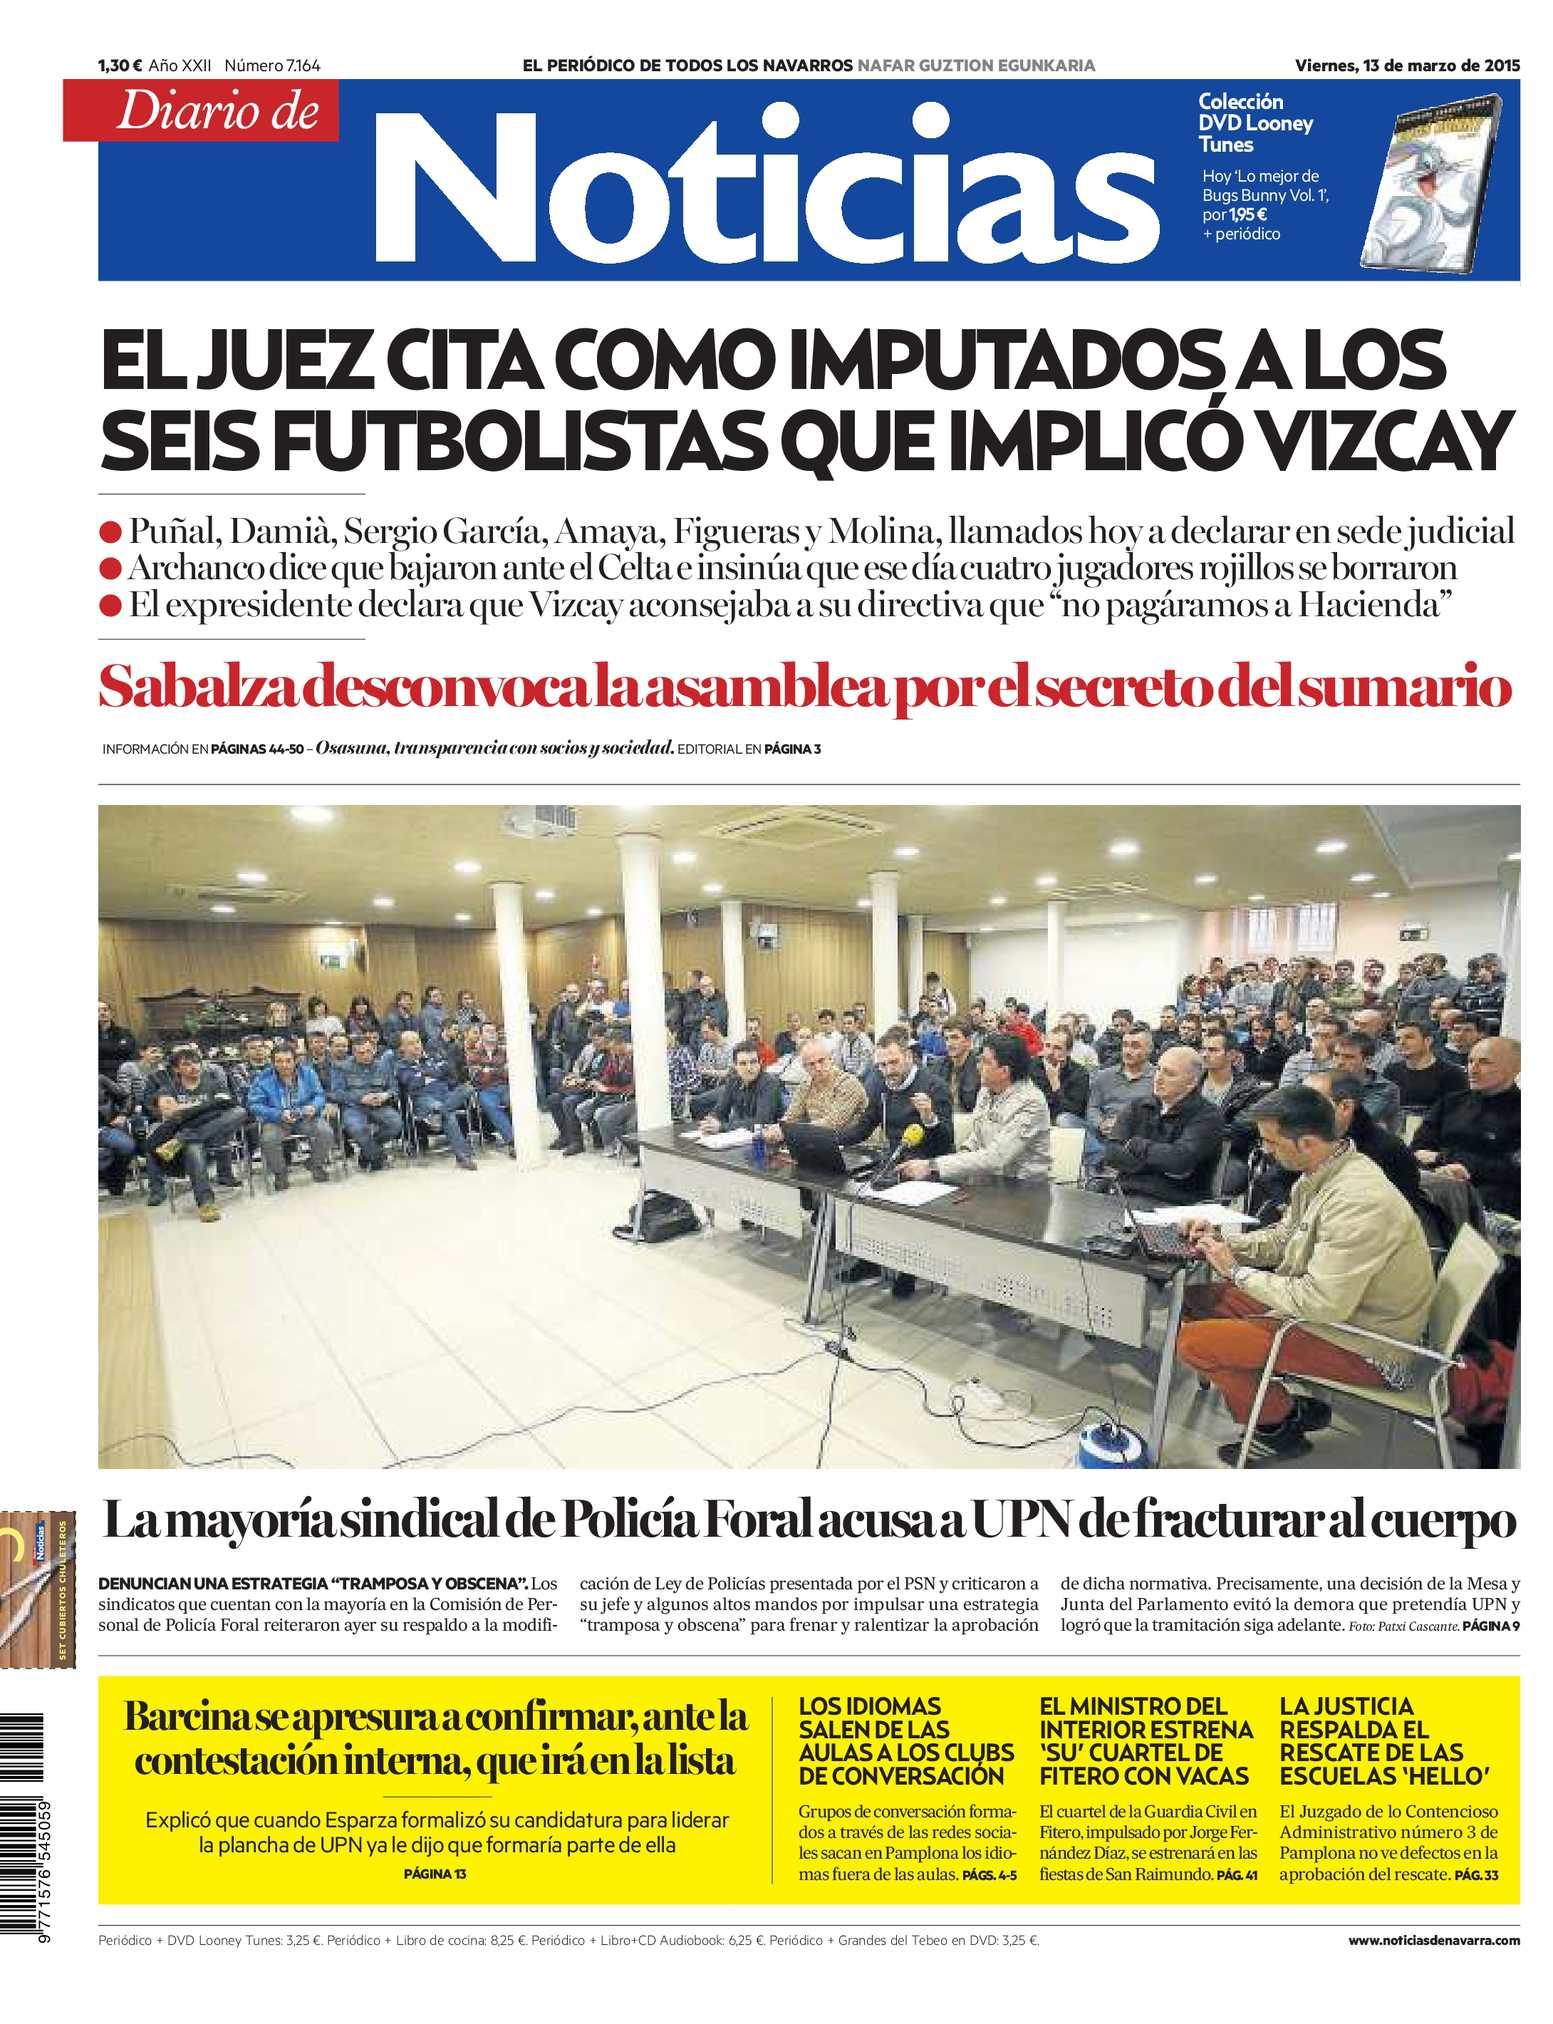 Calaméo - Diario de Noticias 20150313 51d3b2466376